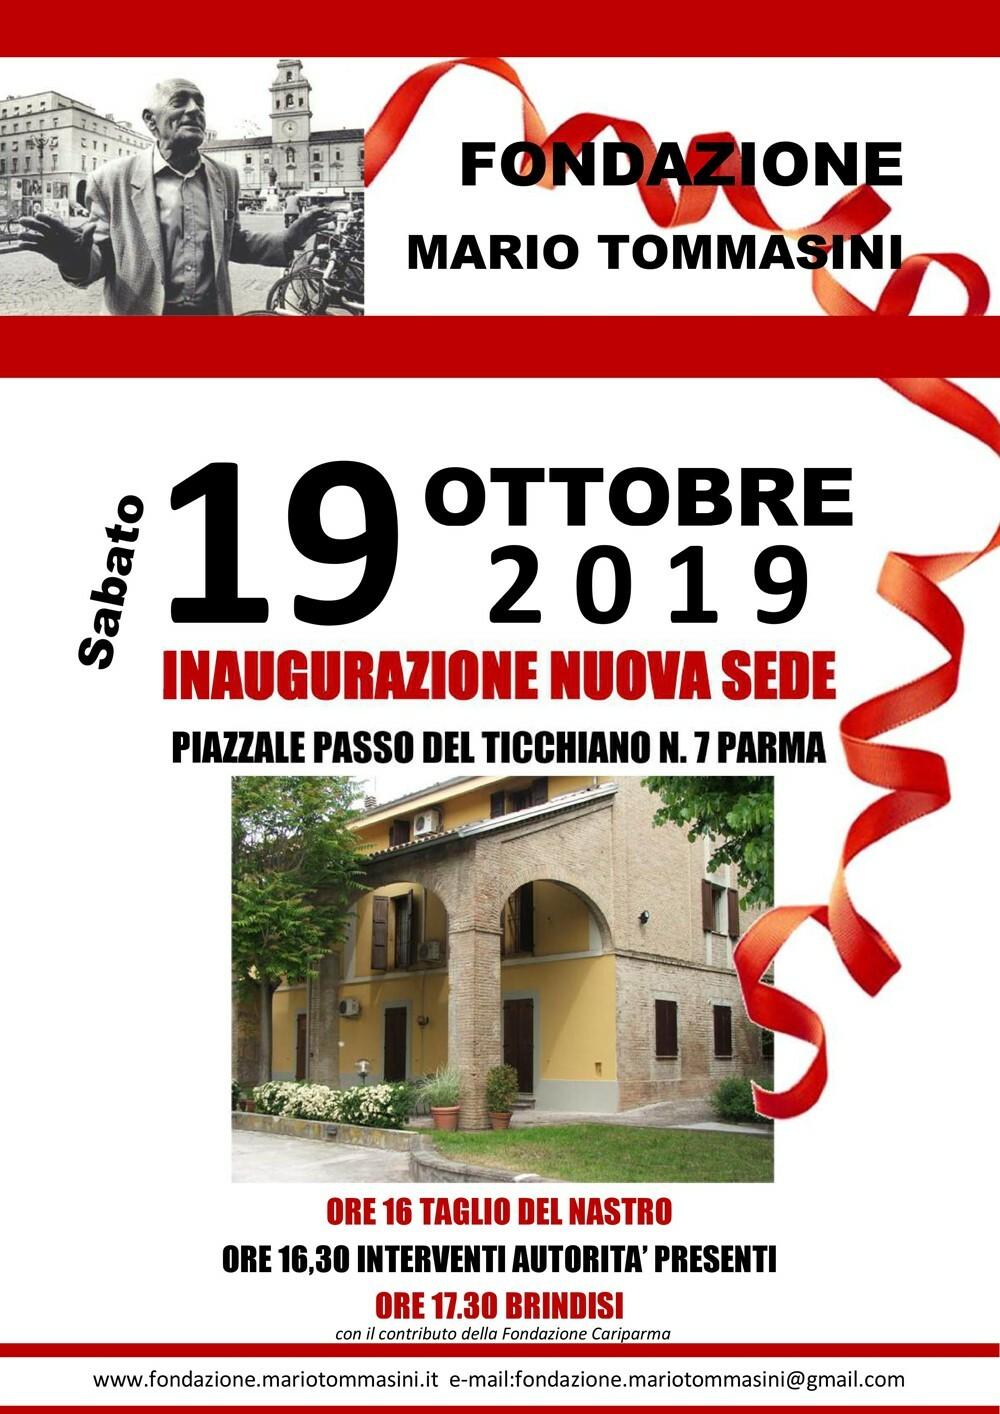 Fondazione Mario Tommasini Il 19 ottobre l'inaugurazione della nuova sede